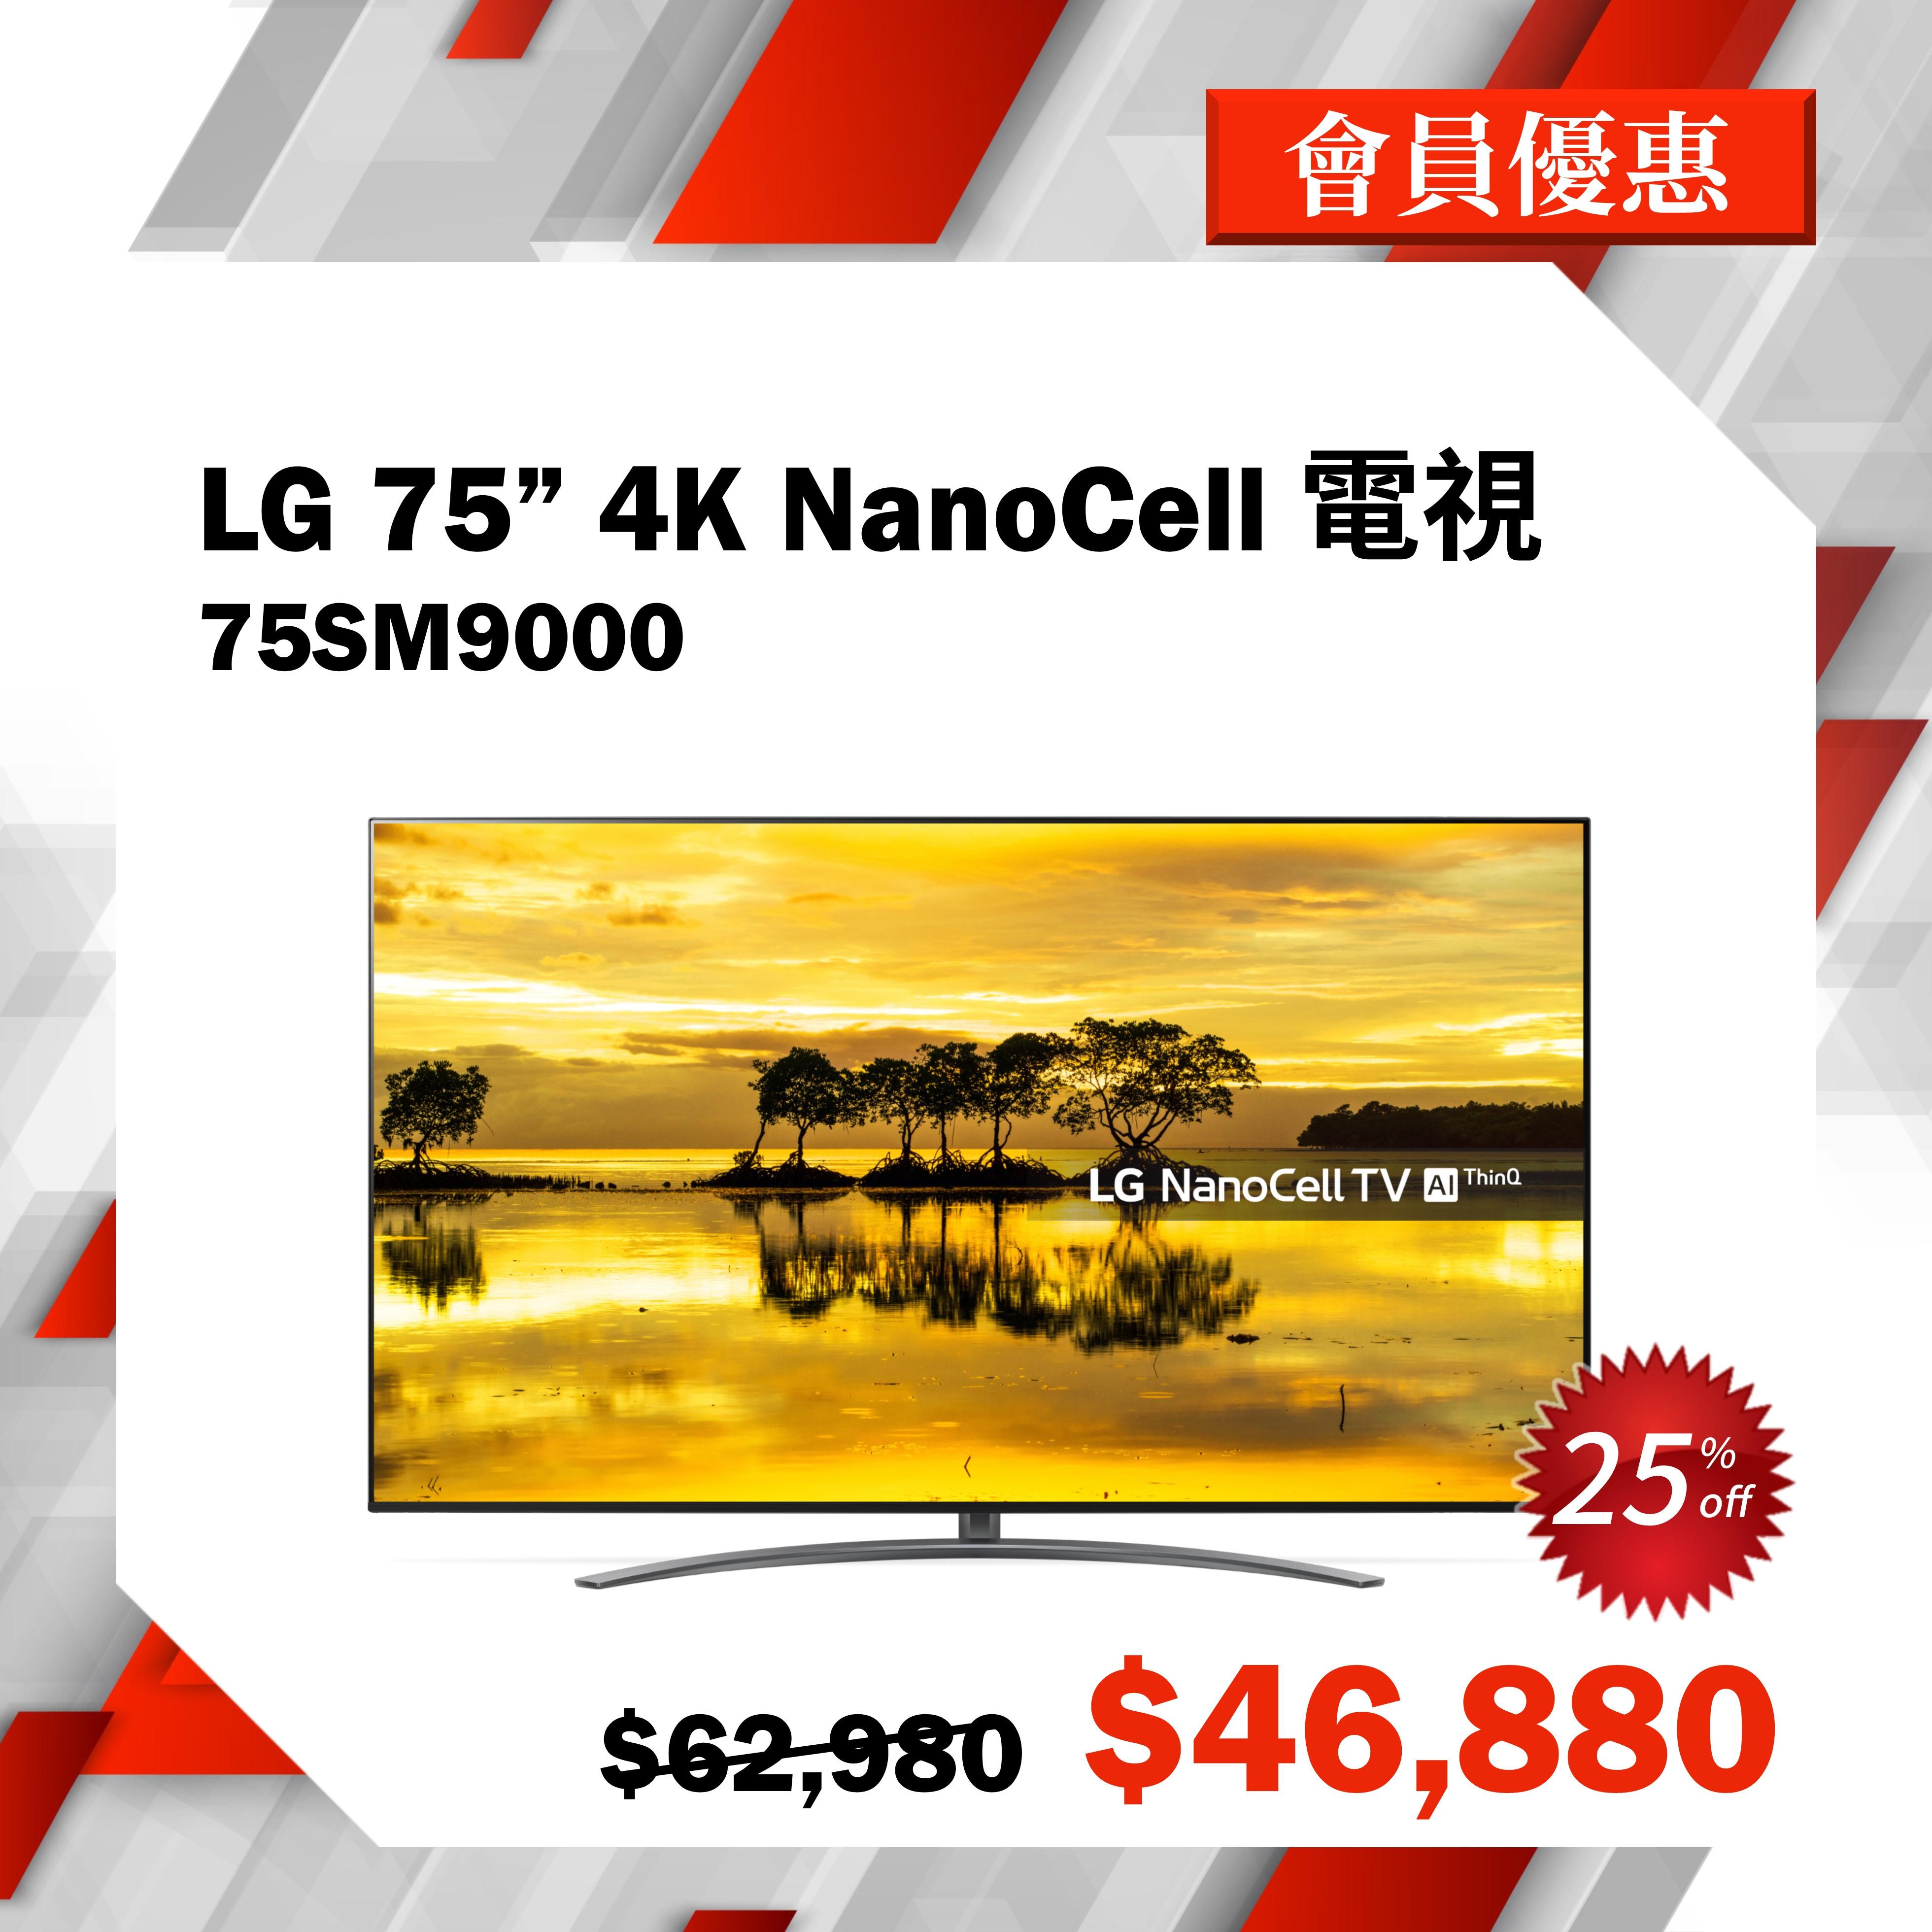 LG 77SM9000